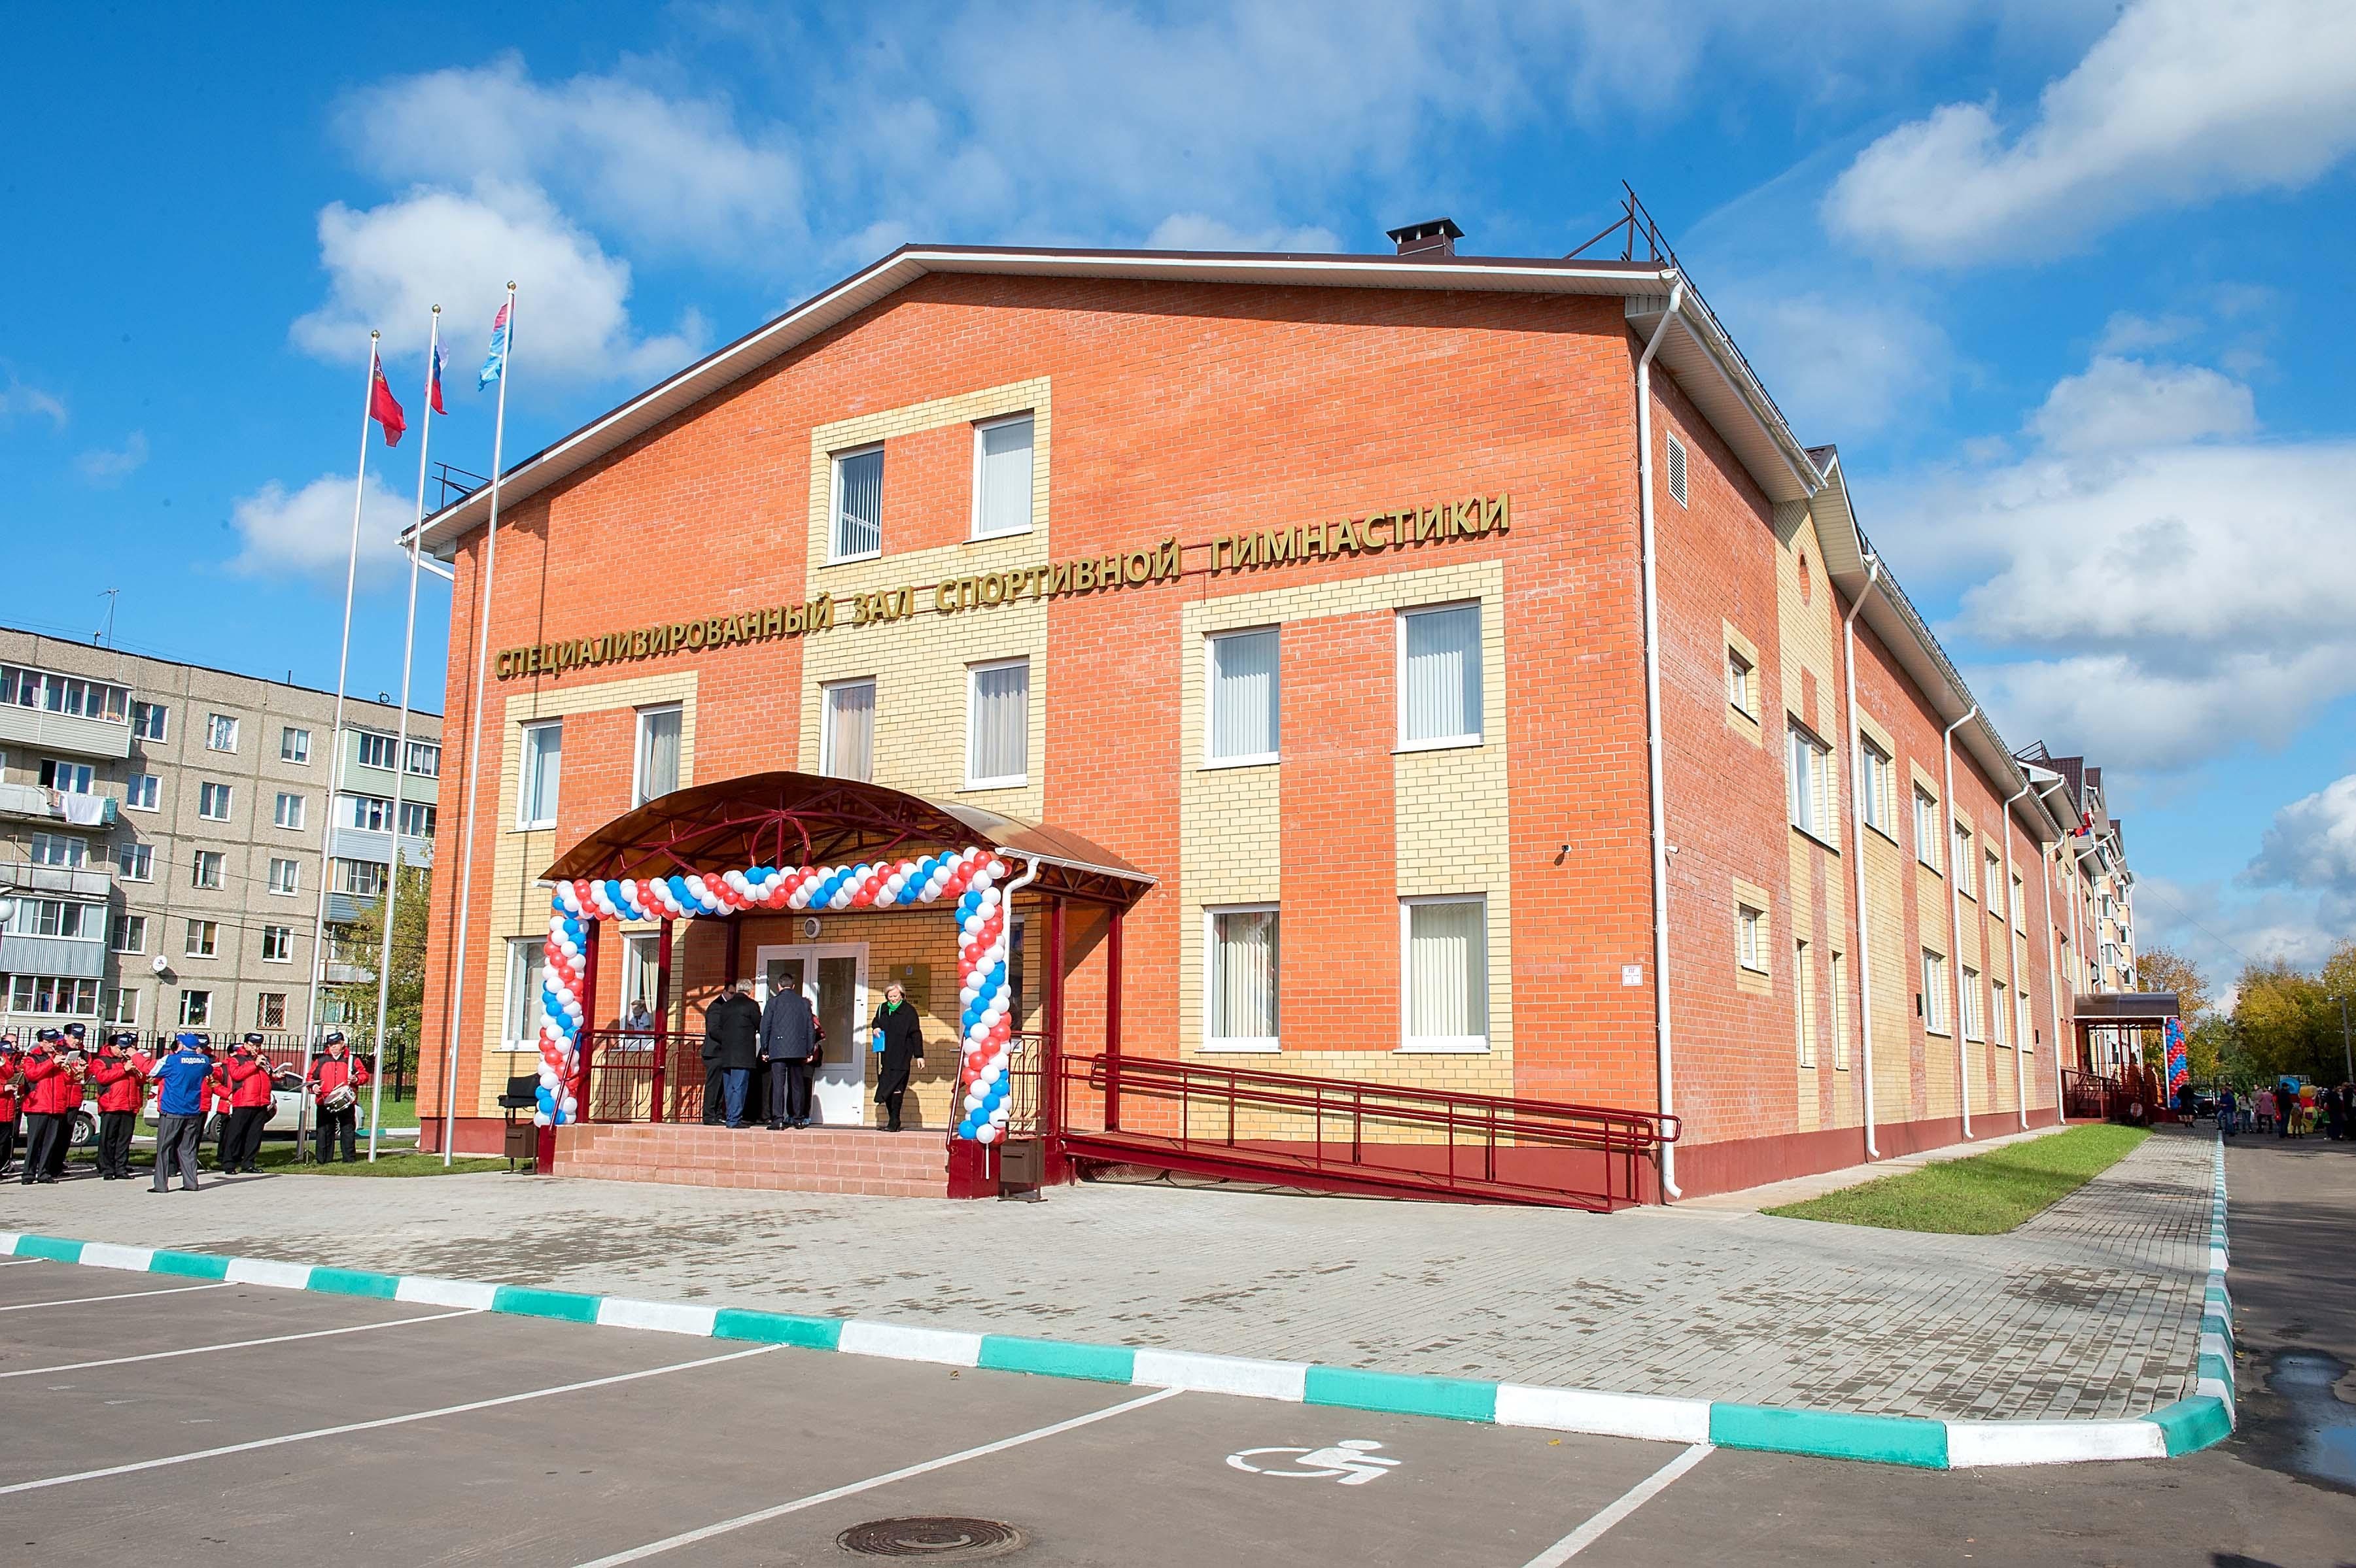 Открытие зала спортивной гимнастики в Железнодорожном 8 октября.